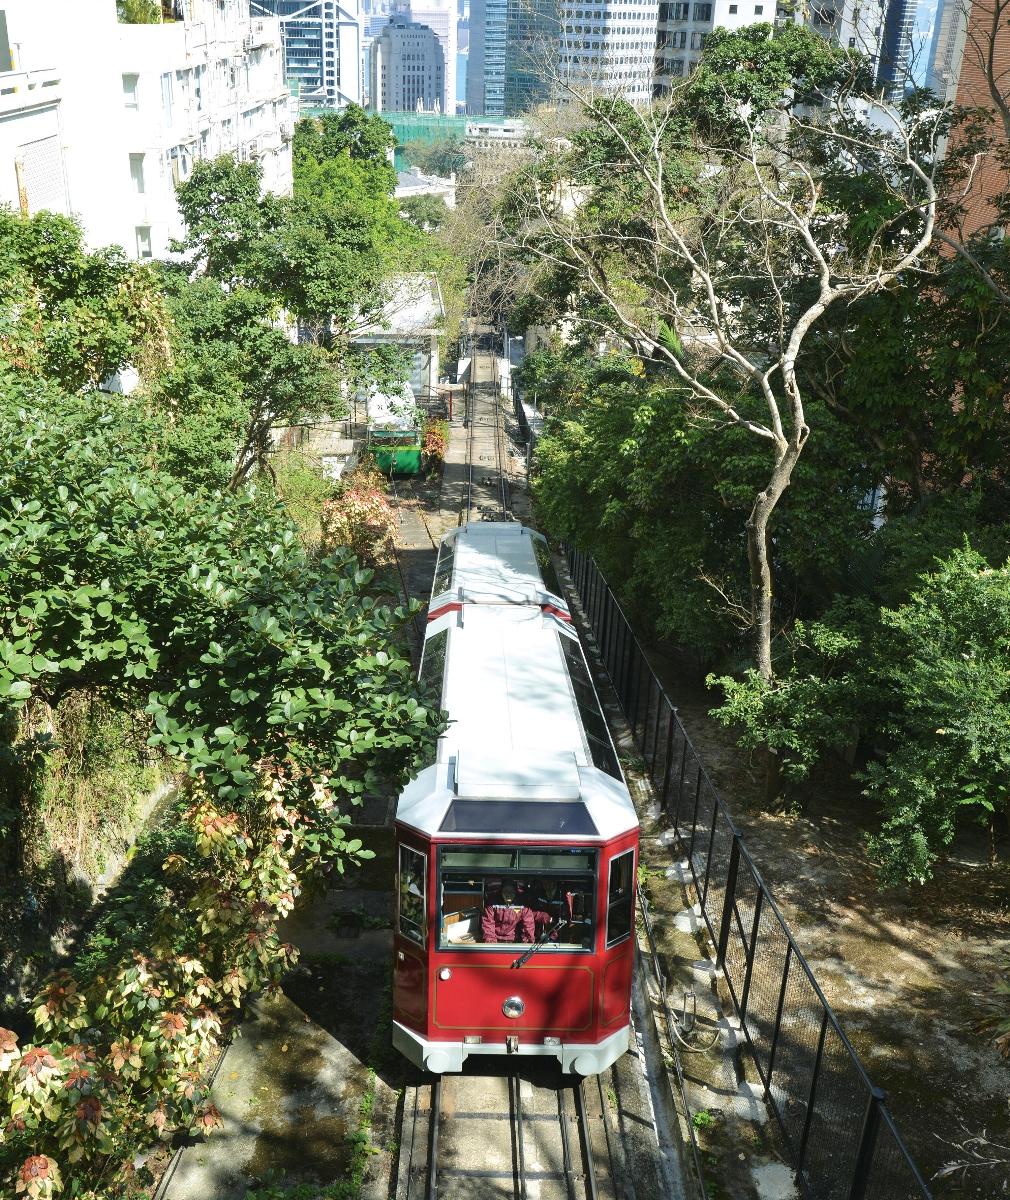 為配合山頂纜車發展計劃,山頂纜車今日起至7月中暫停服務。(政府新聞處)